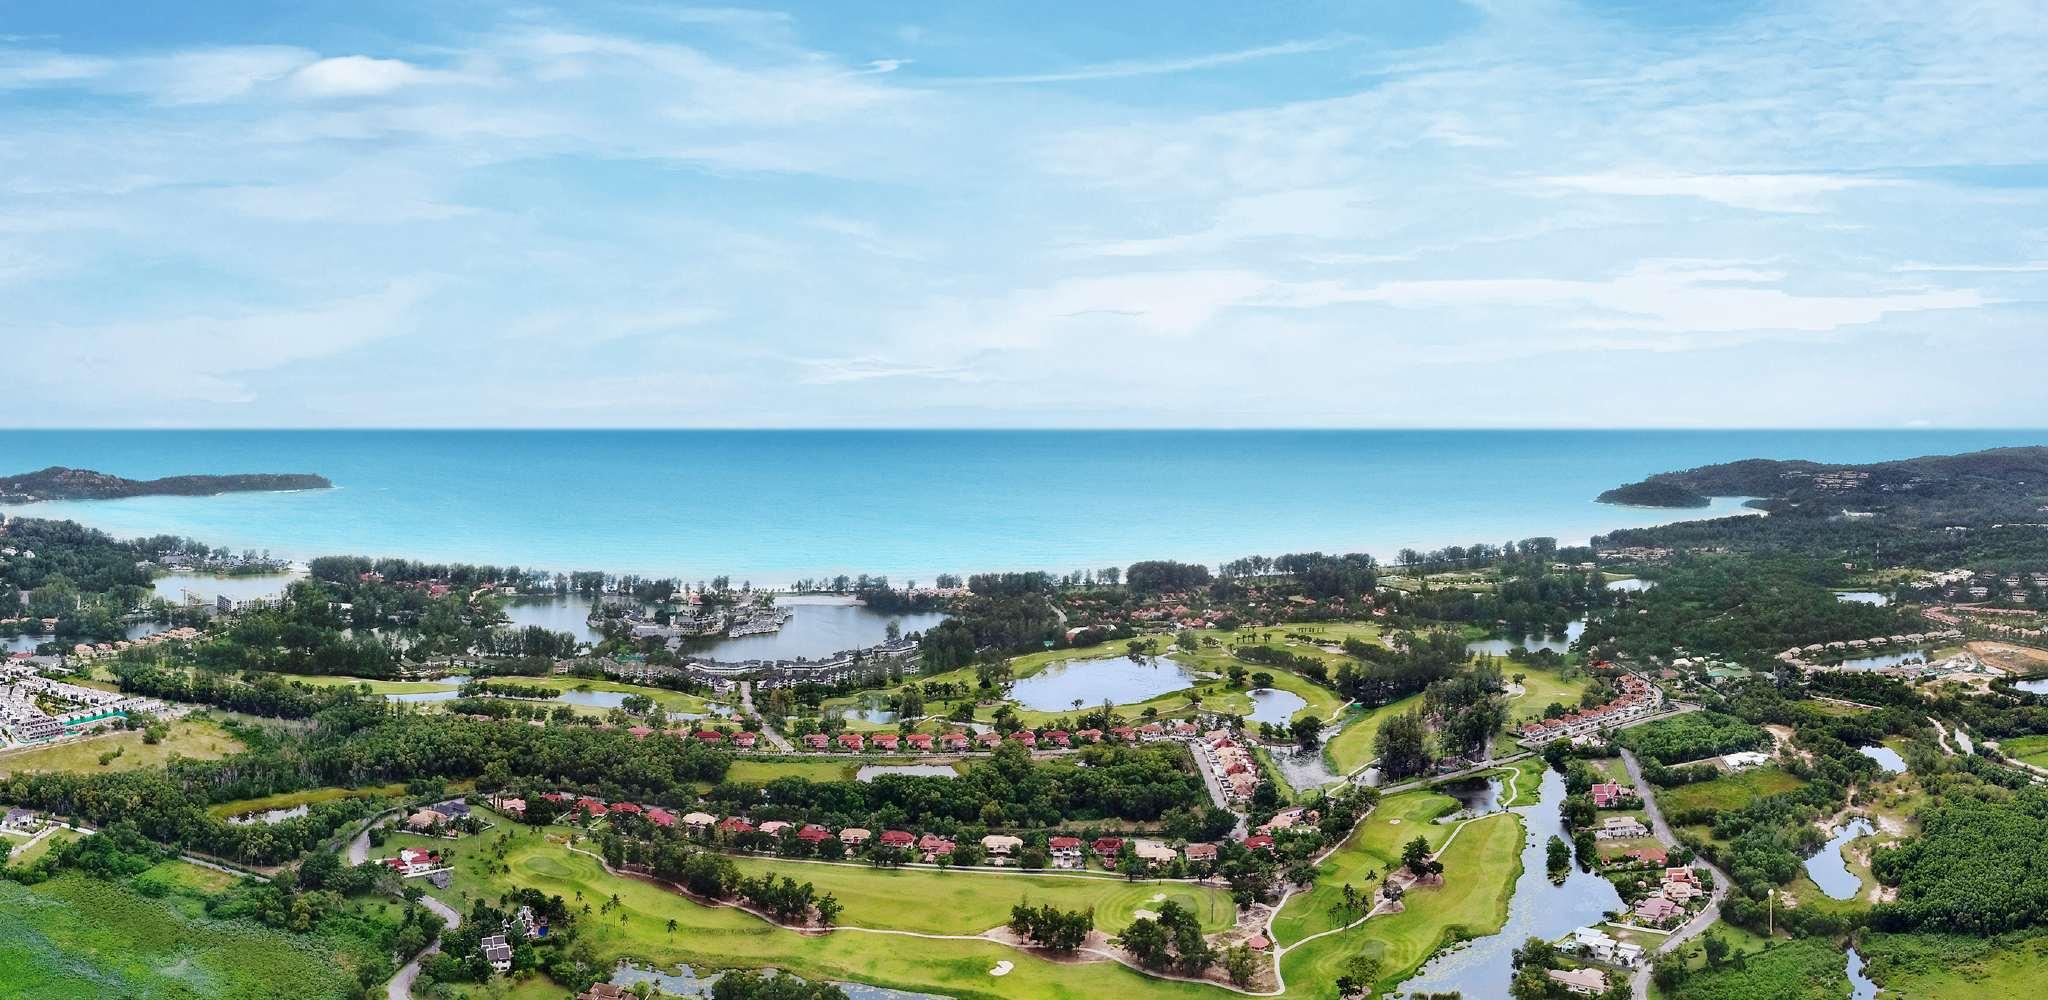 The bay of Bang Tao Beach on Phuket and Laguna Phuket seen from the air